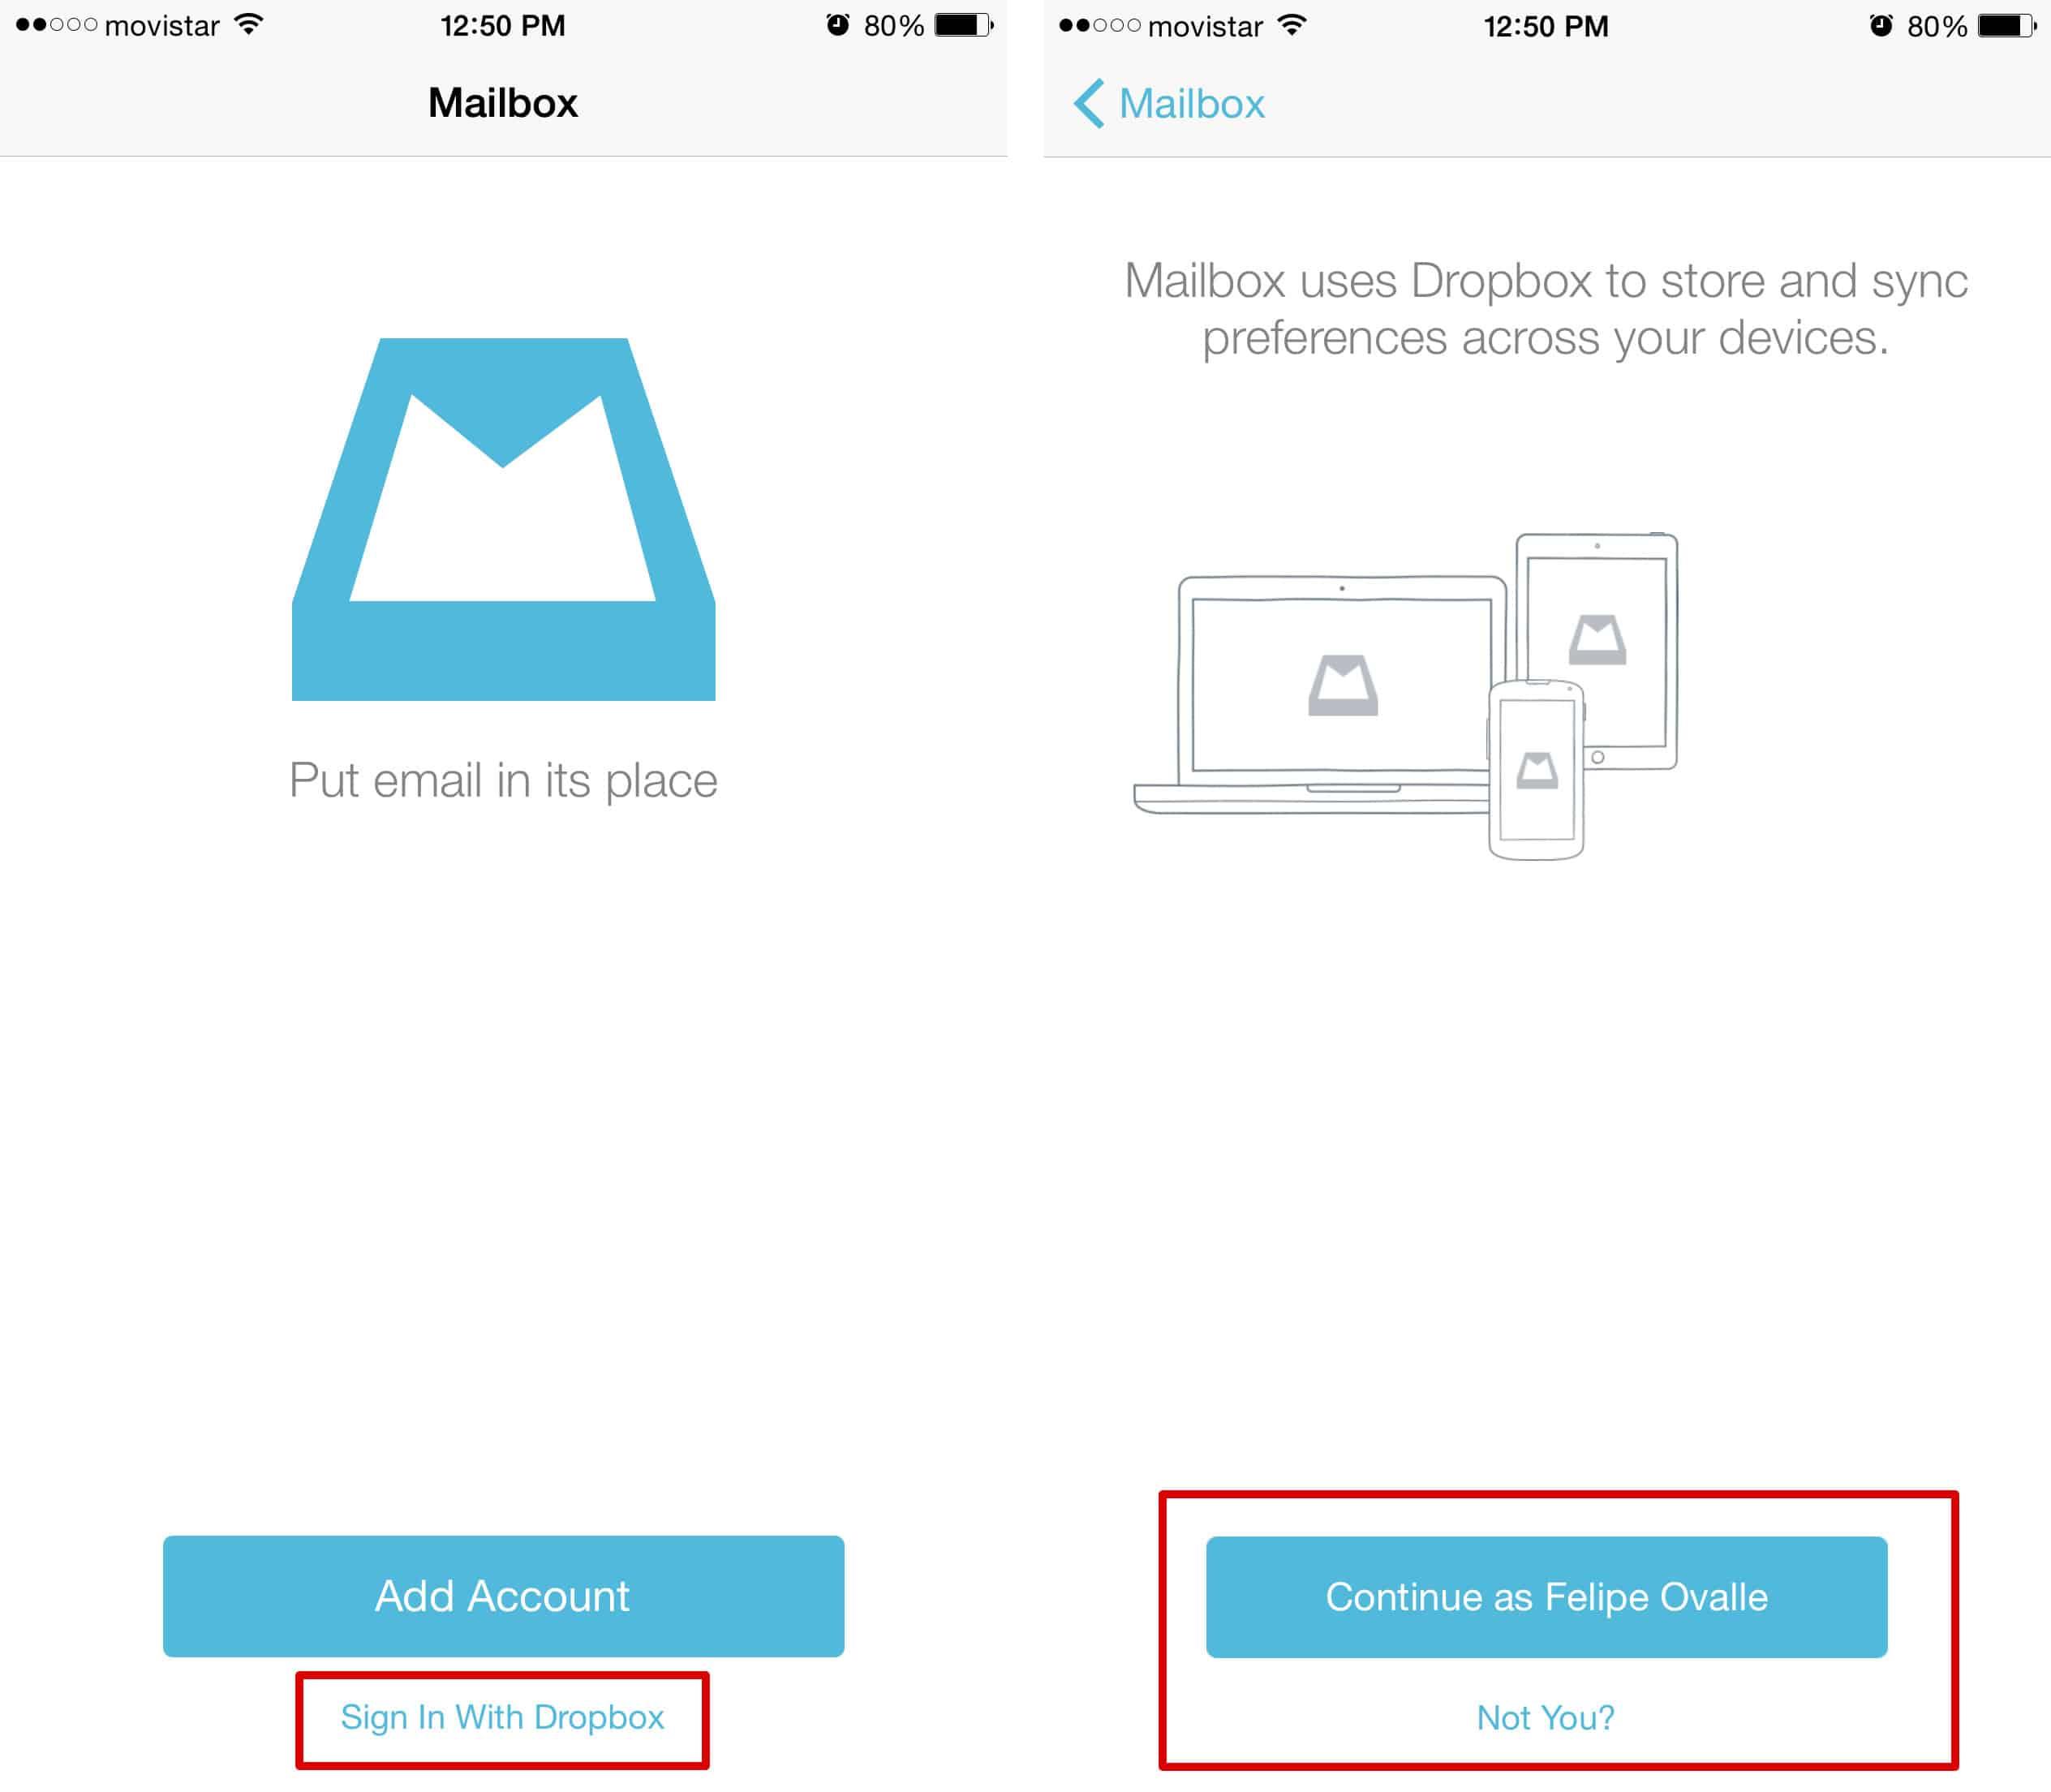 Una vez abierto Mailbox, sólo inicia sesión con Dropbox y se sumará 1GB extra.